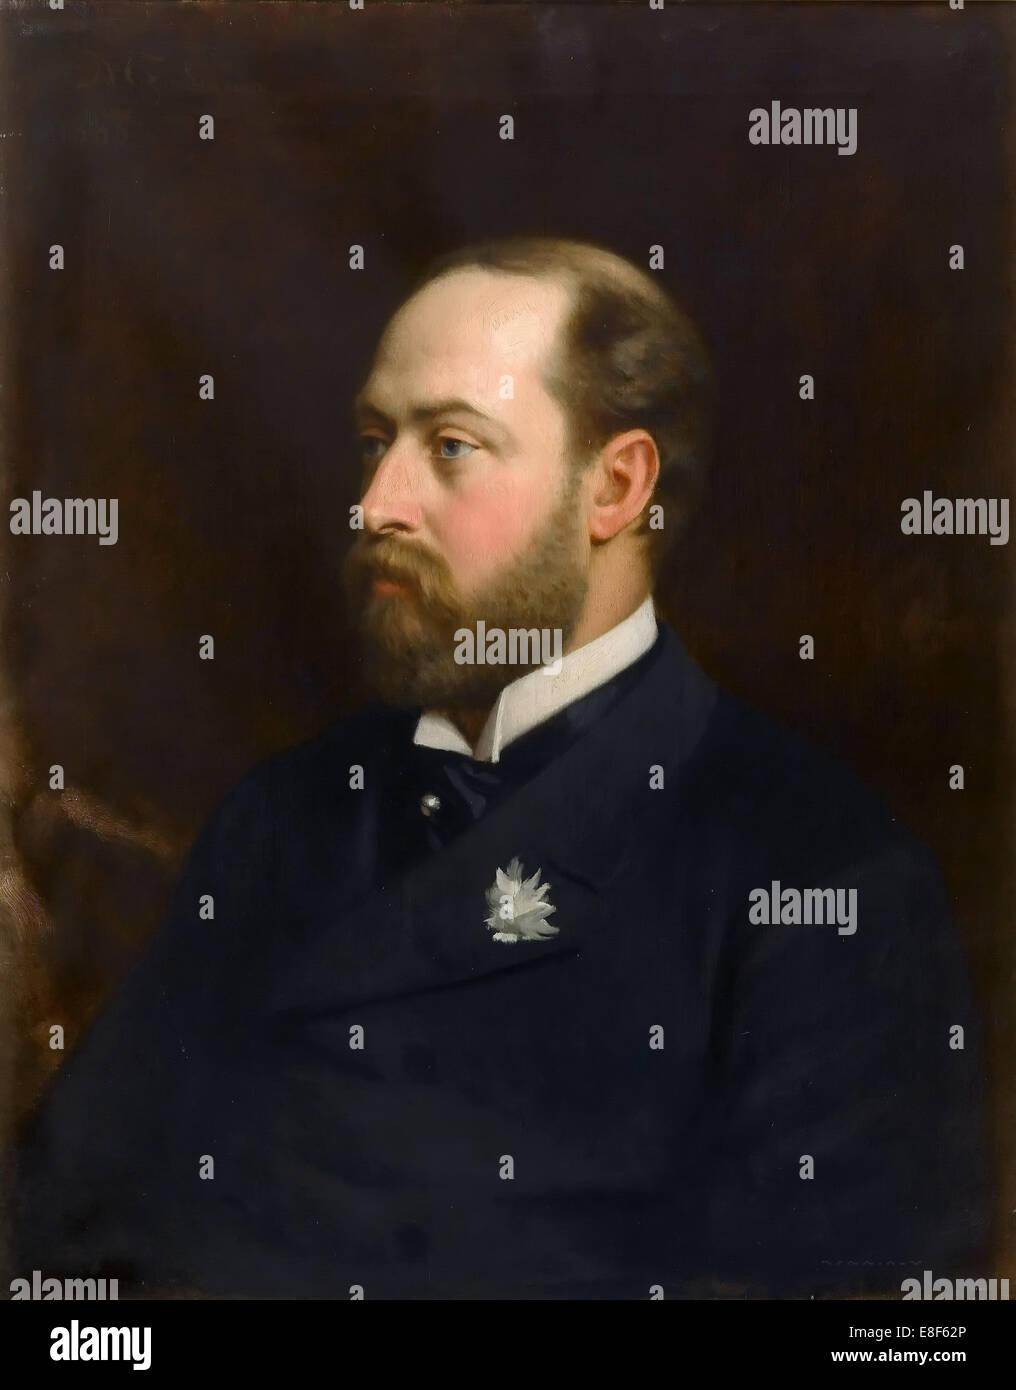 Edward VII, King of the United Kingdom (1841-1910). Artist: Gordigiani, Michele (1835-1909) - Stock Image